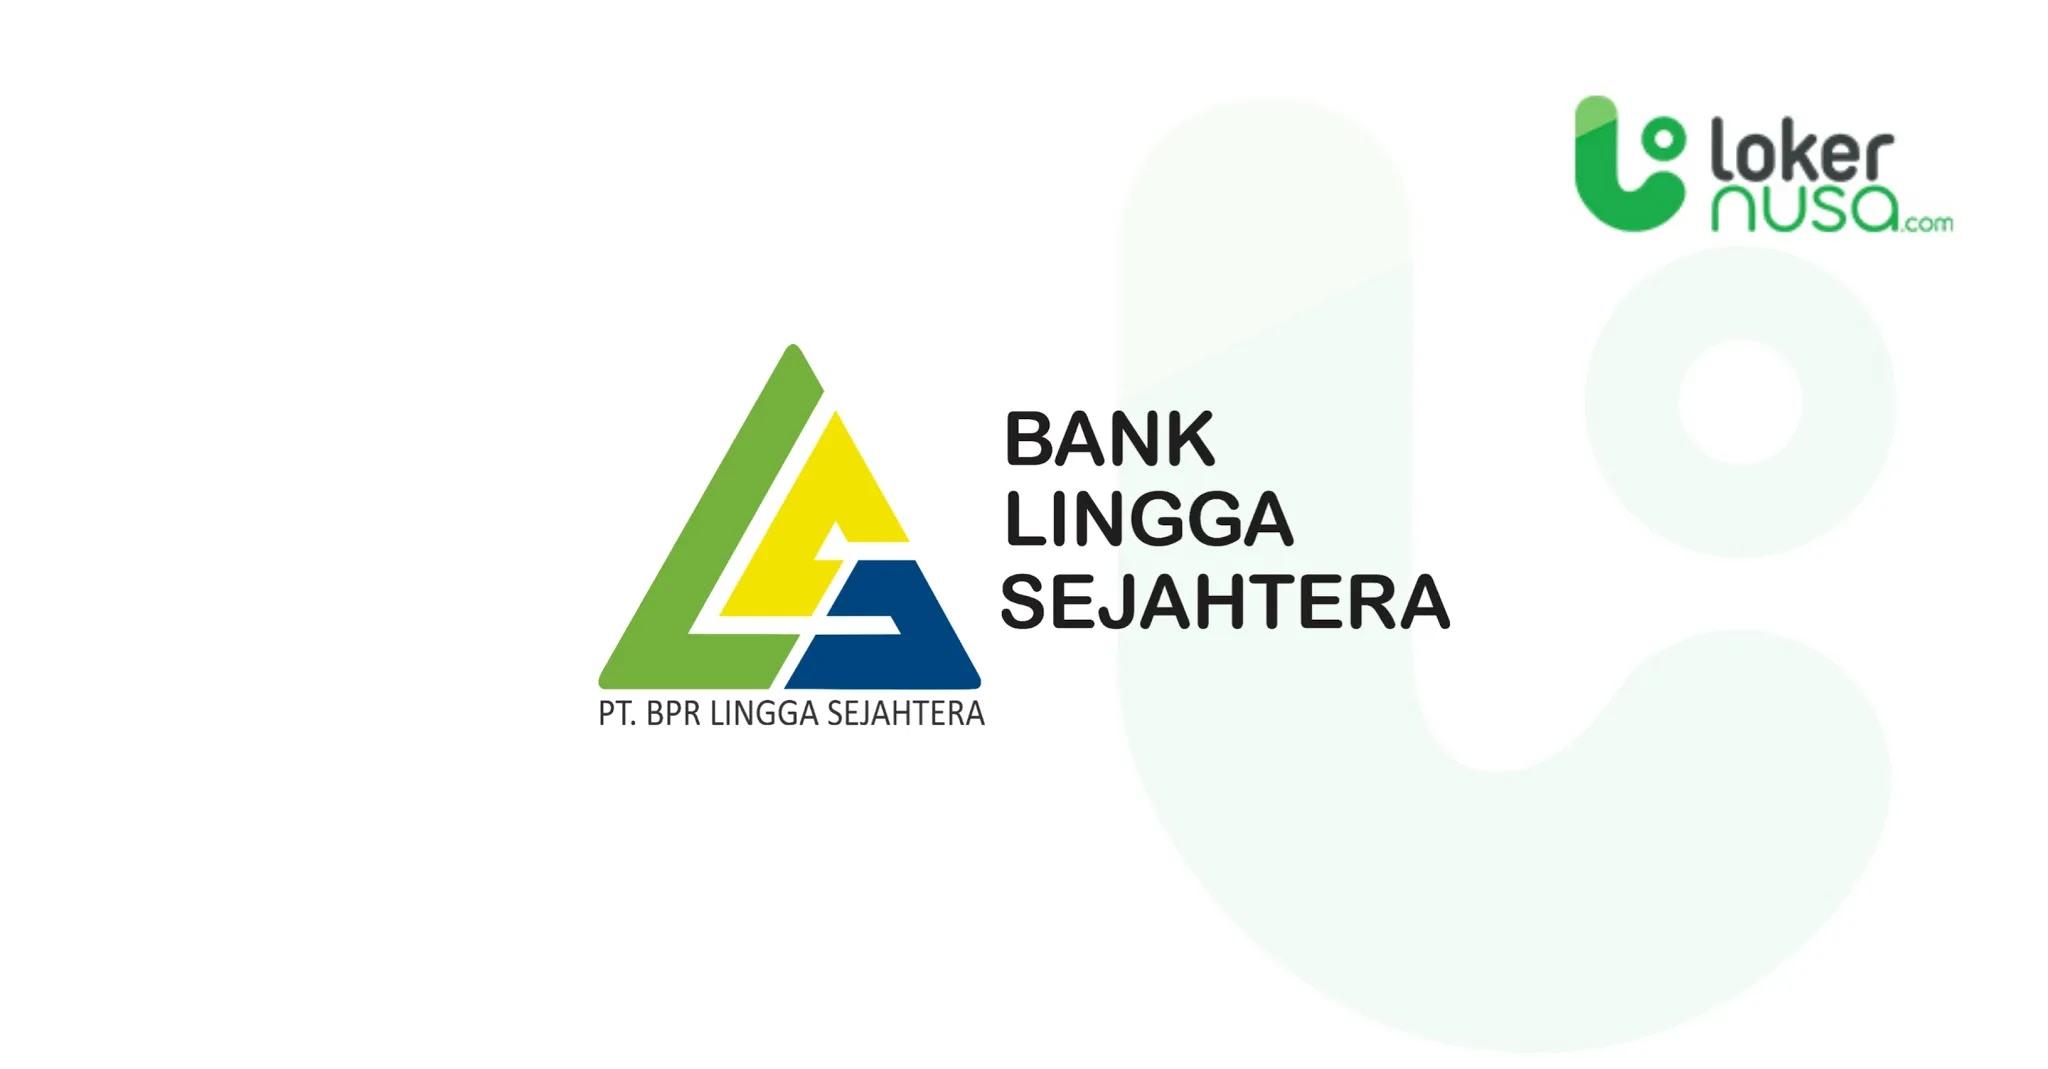 Lowongan Kerja Kalimantan - PT. BPR Lingga Sejahtera